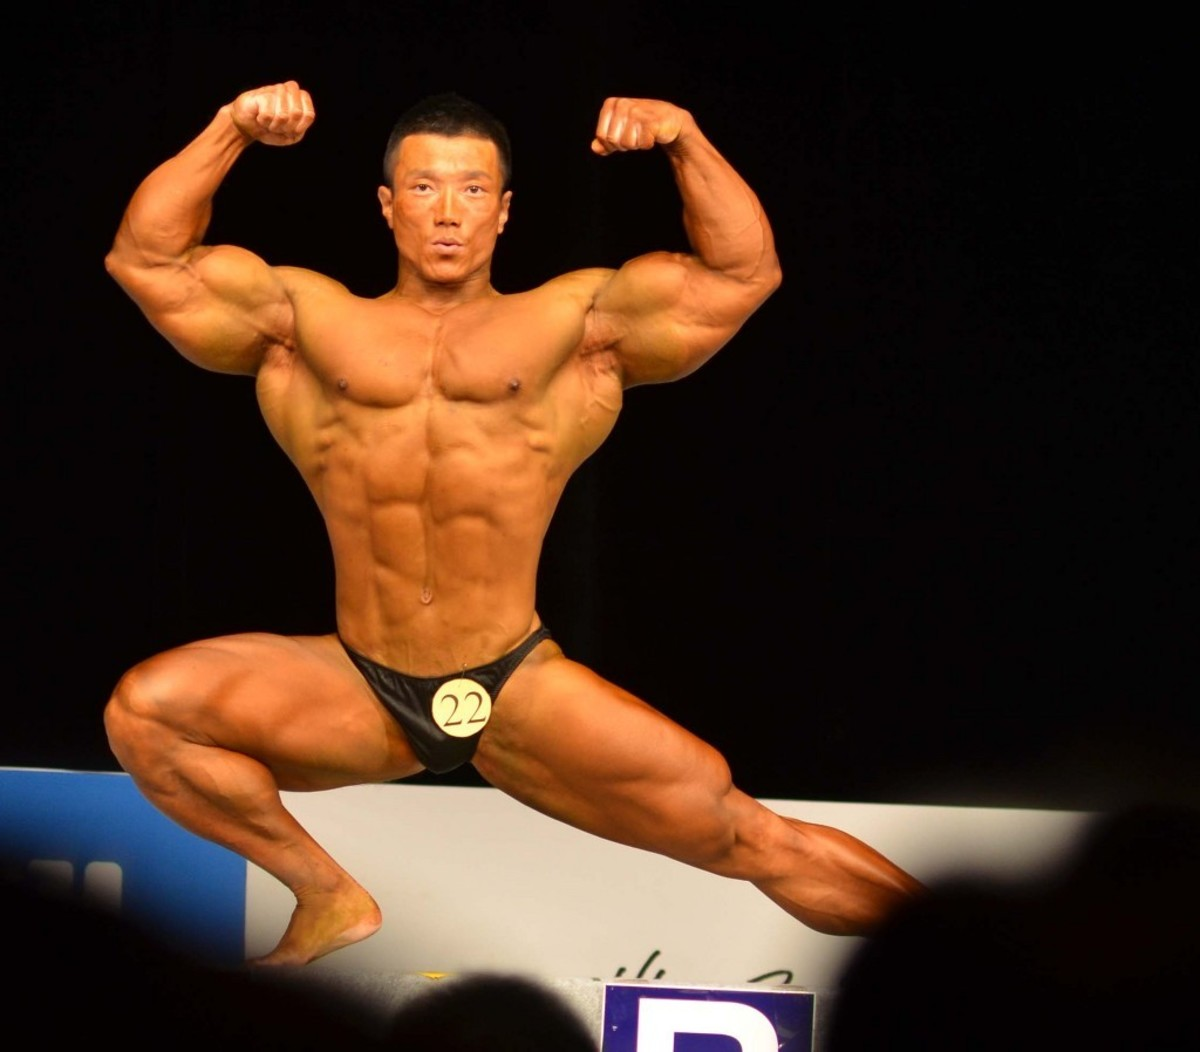 Kang Kyung Won at South Korea's 2011 National Sports Festival